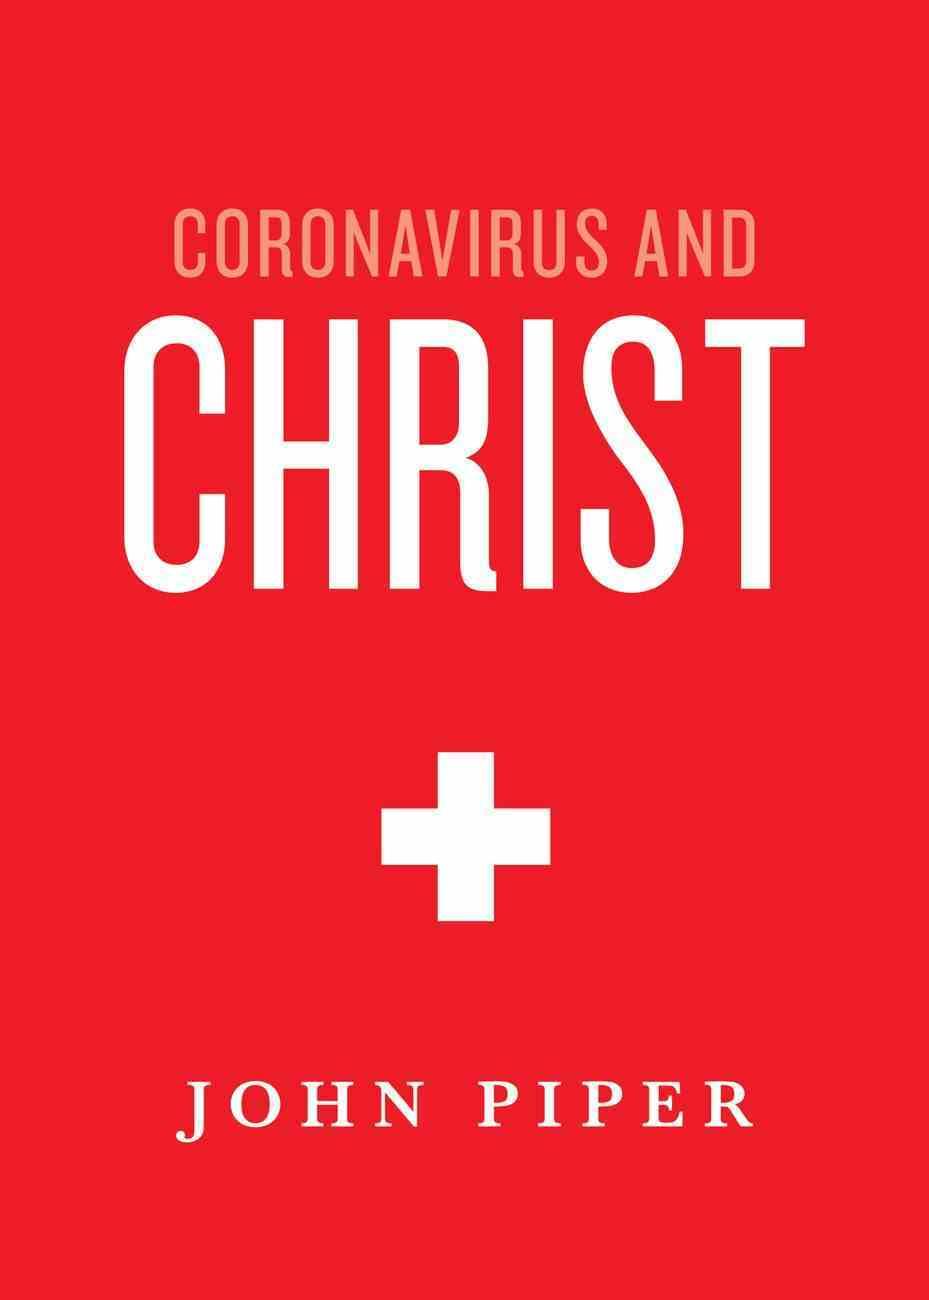 Coronavirus and Christ eBook